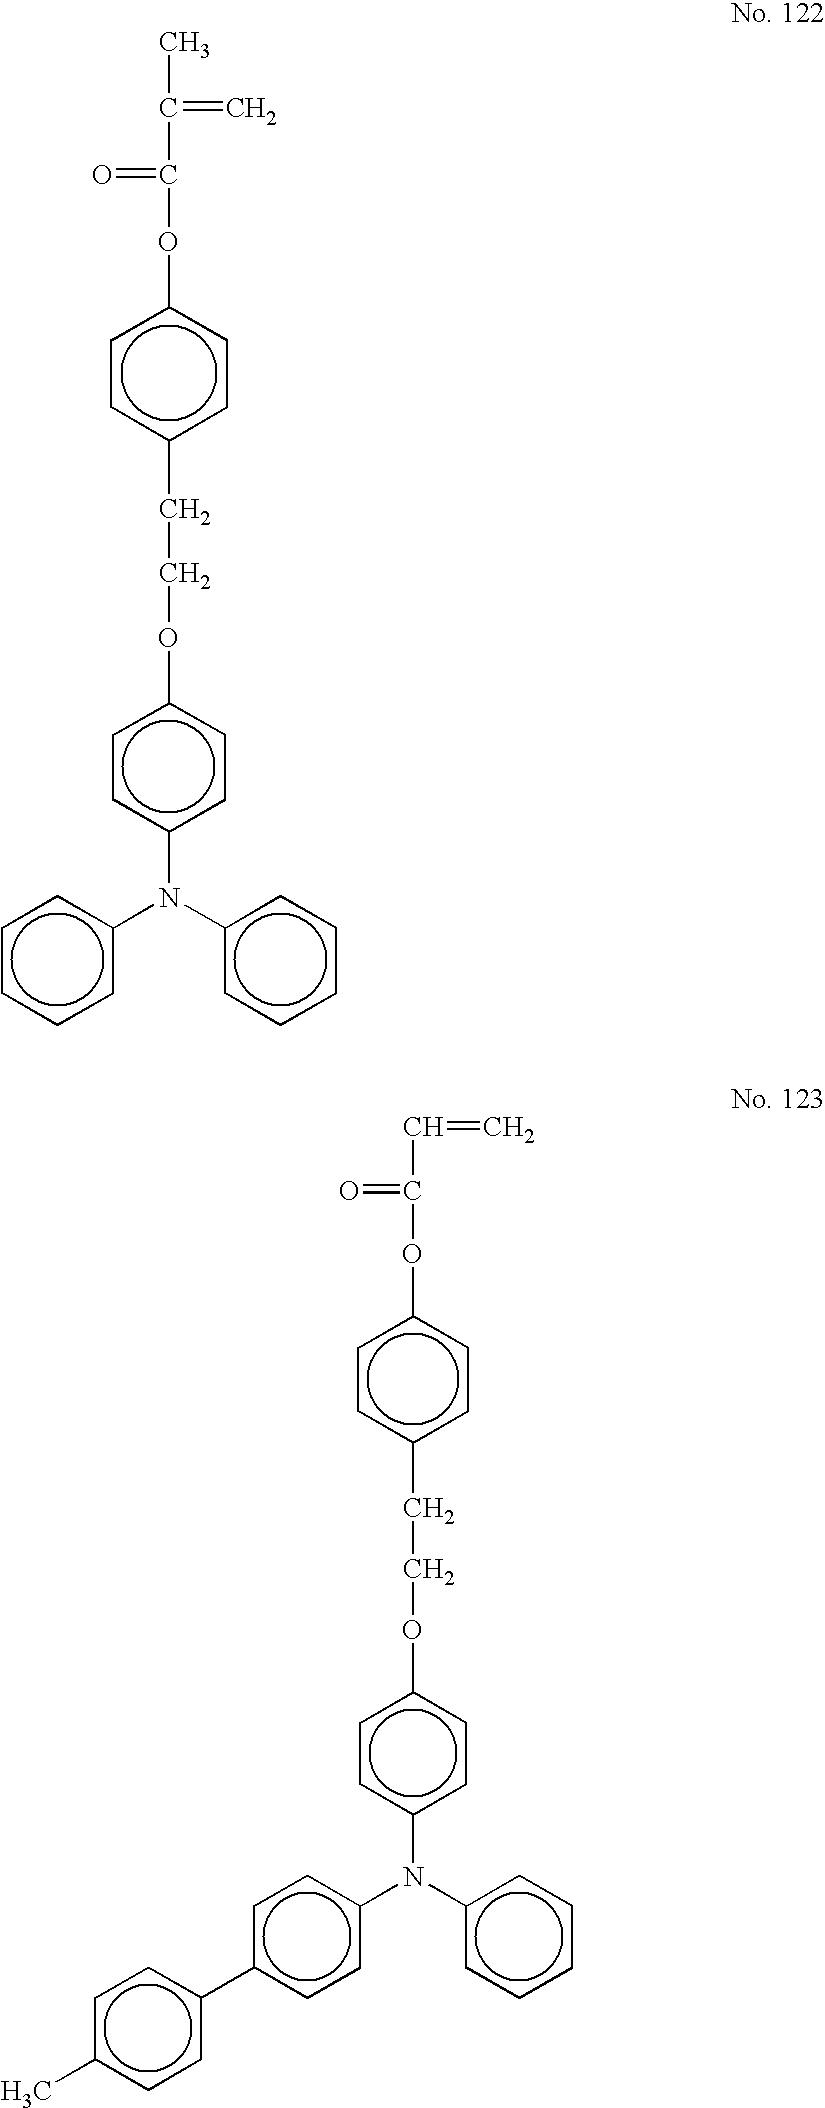 Figure US20050158641A1-20050721-C00056